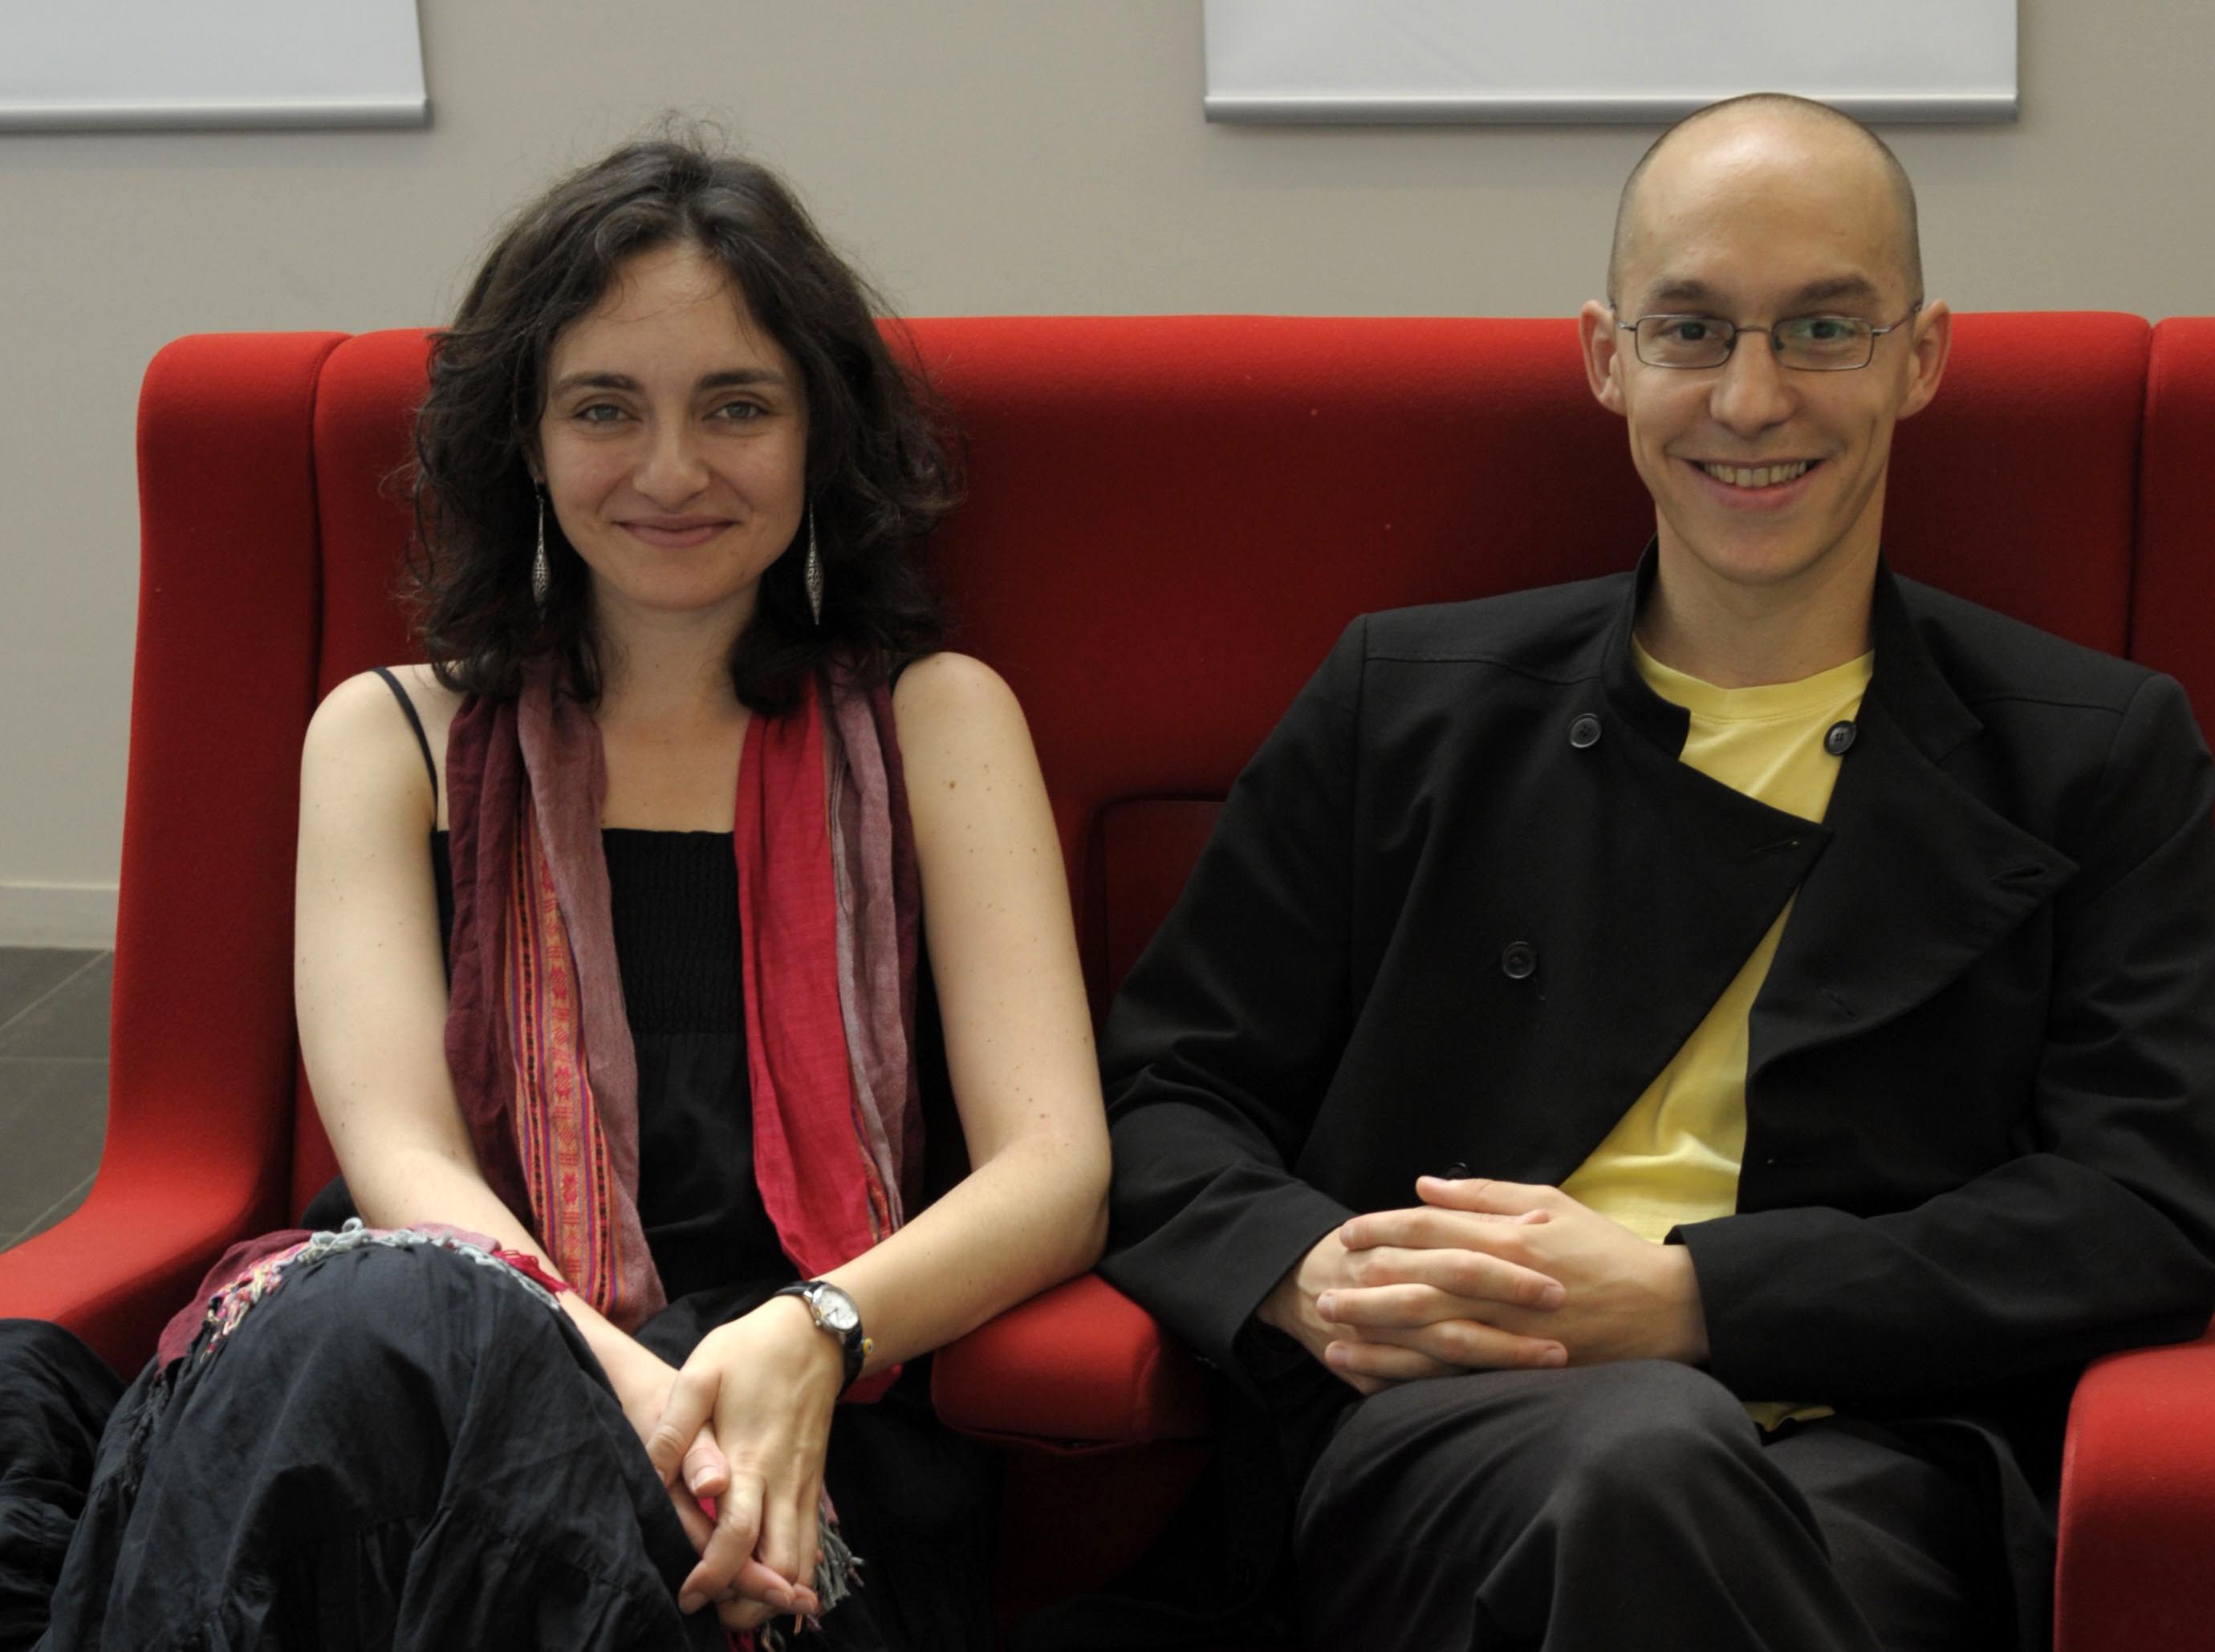 Çağla Zencirci  and Guillaume Giovanetti